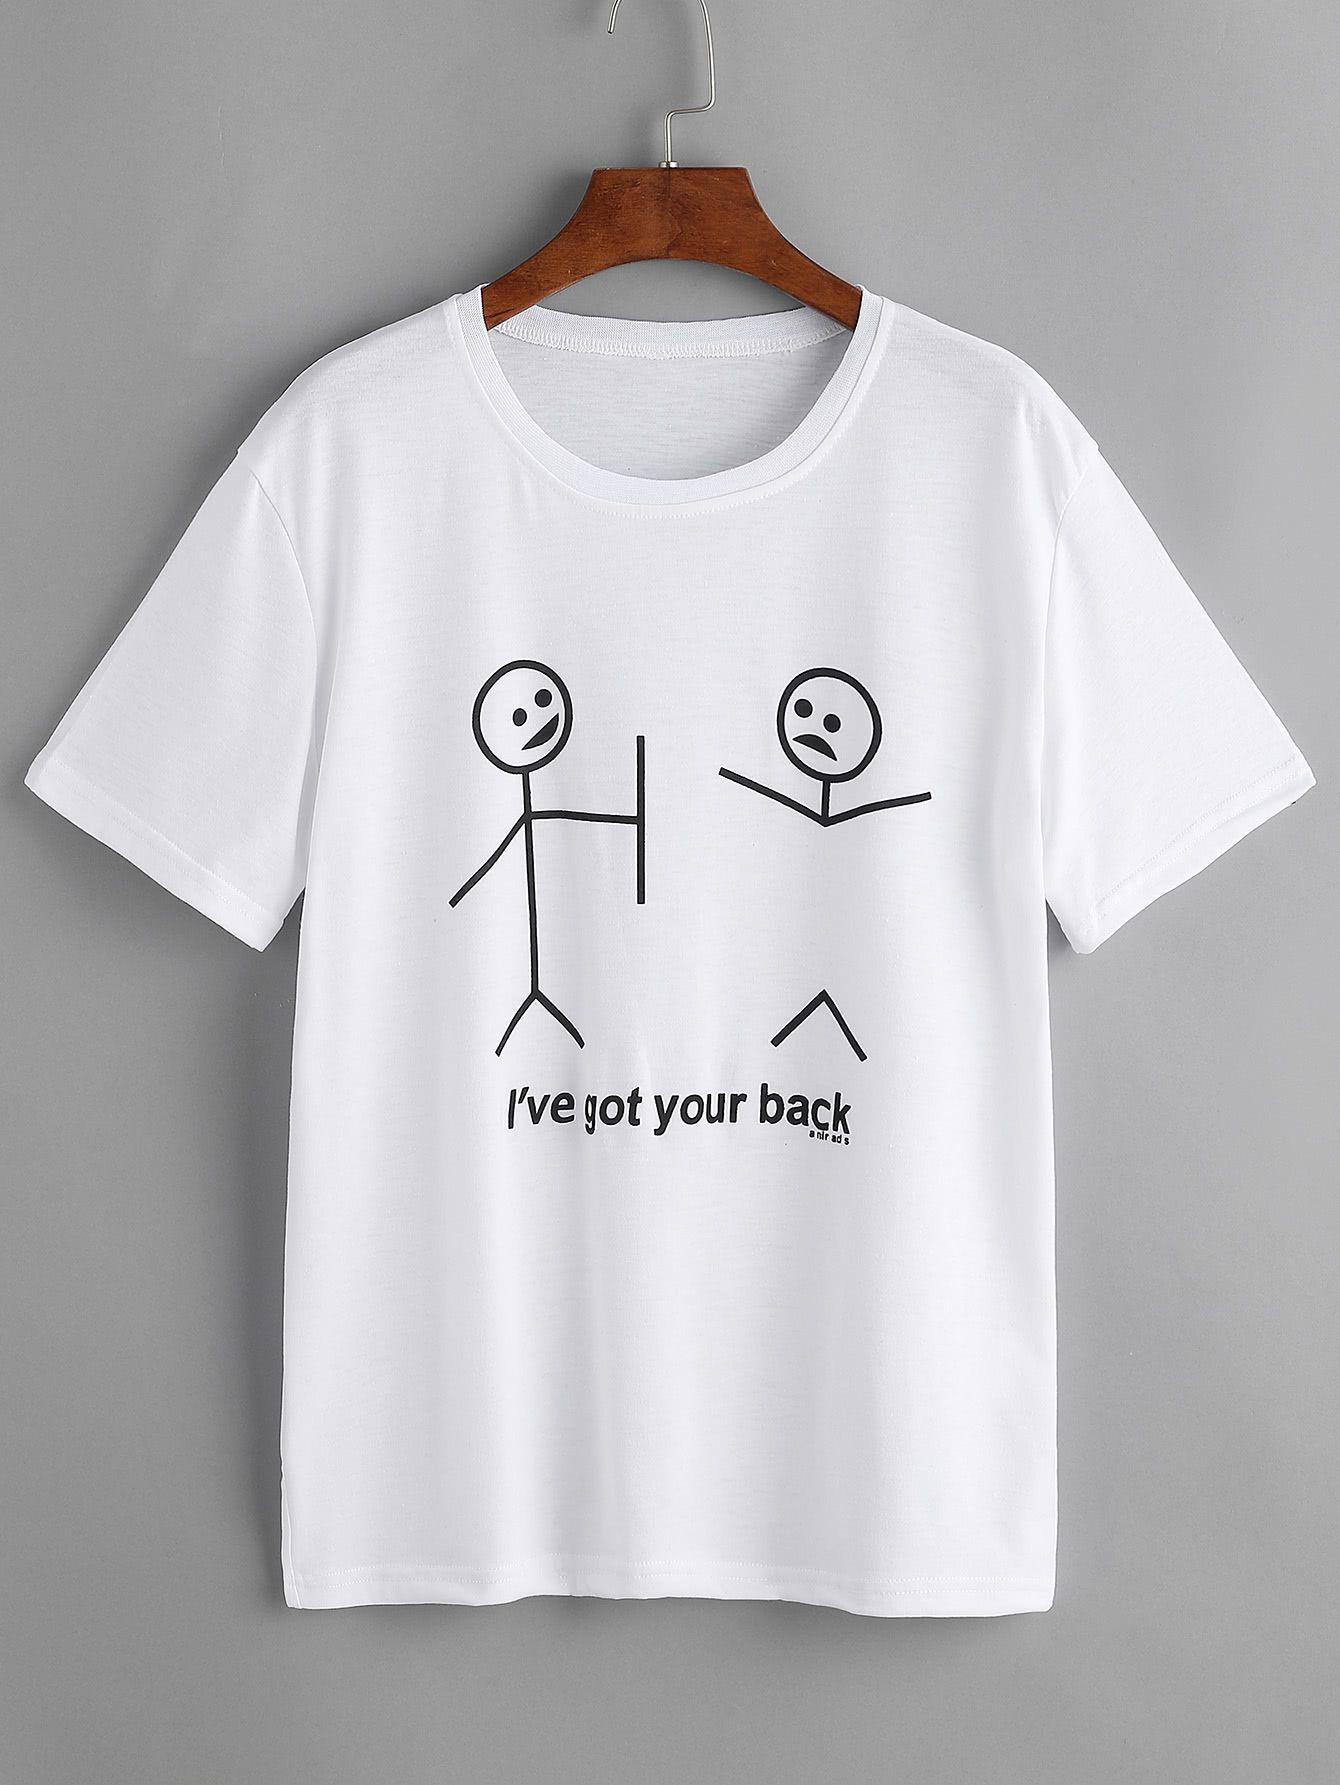 T Shirt Mit Zeichnung Und Beschriftung Muster German Shein Sheinside T Shirt Mit Zeichnung Und Beschriftung Muster In 2020 Printed Tees Printed Shirts Cool Shirts